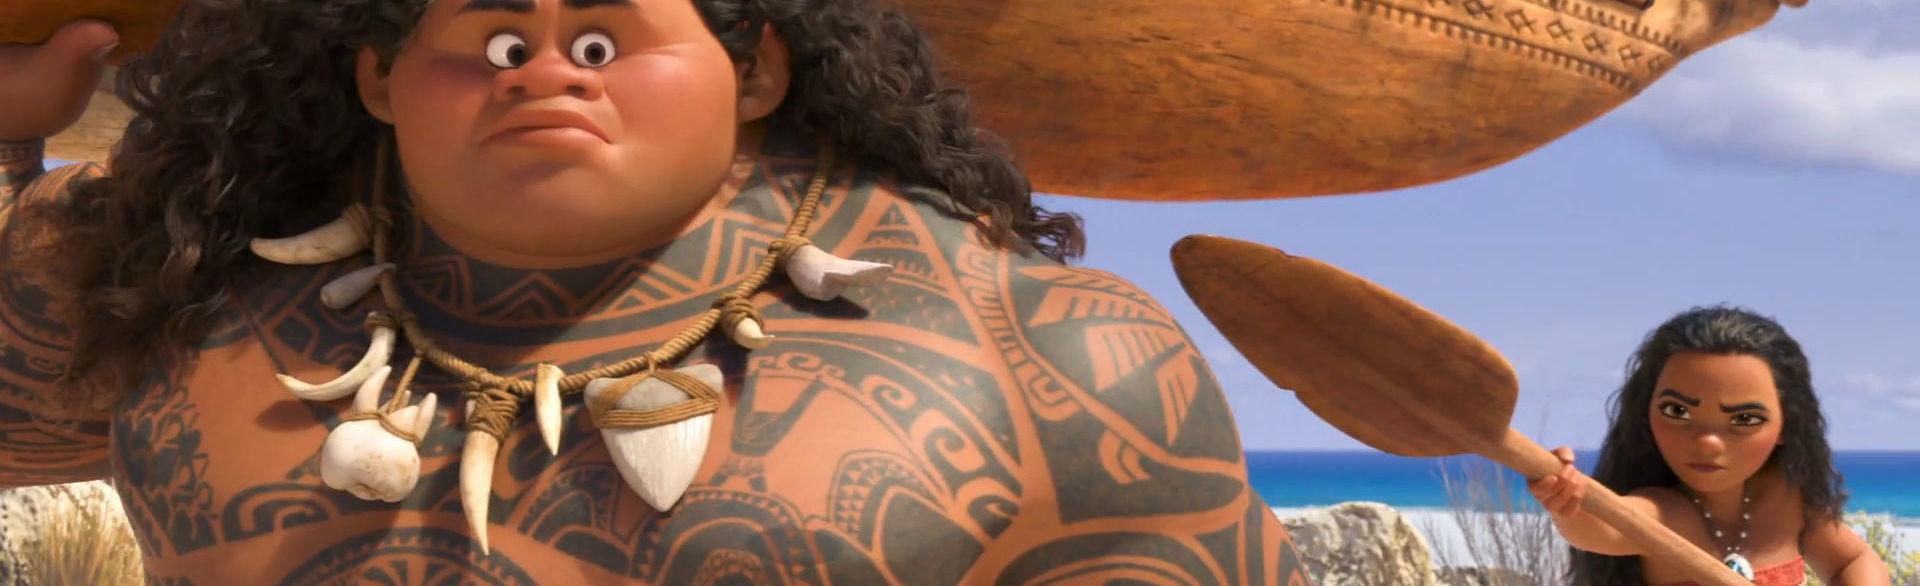 Moana Meets Maui